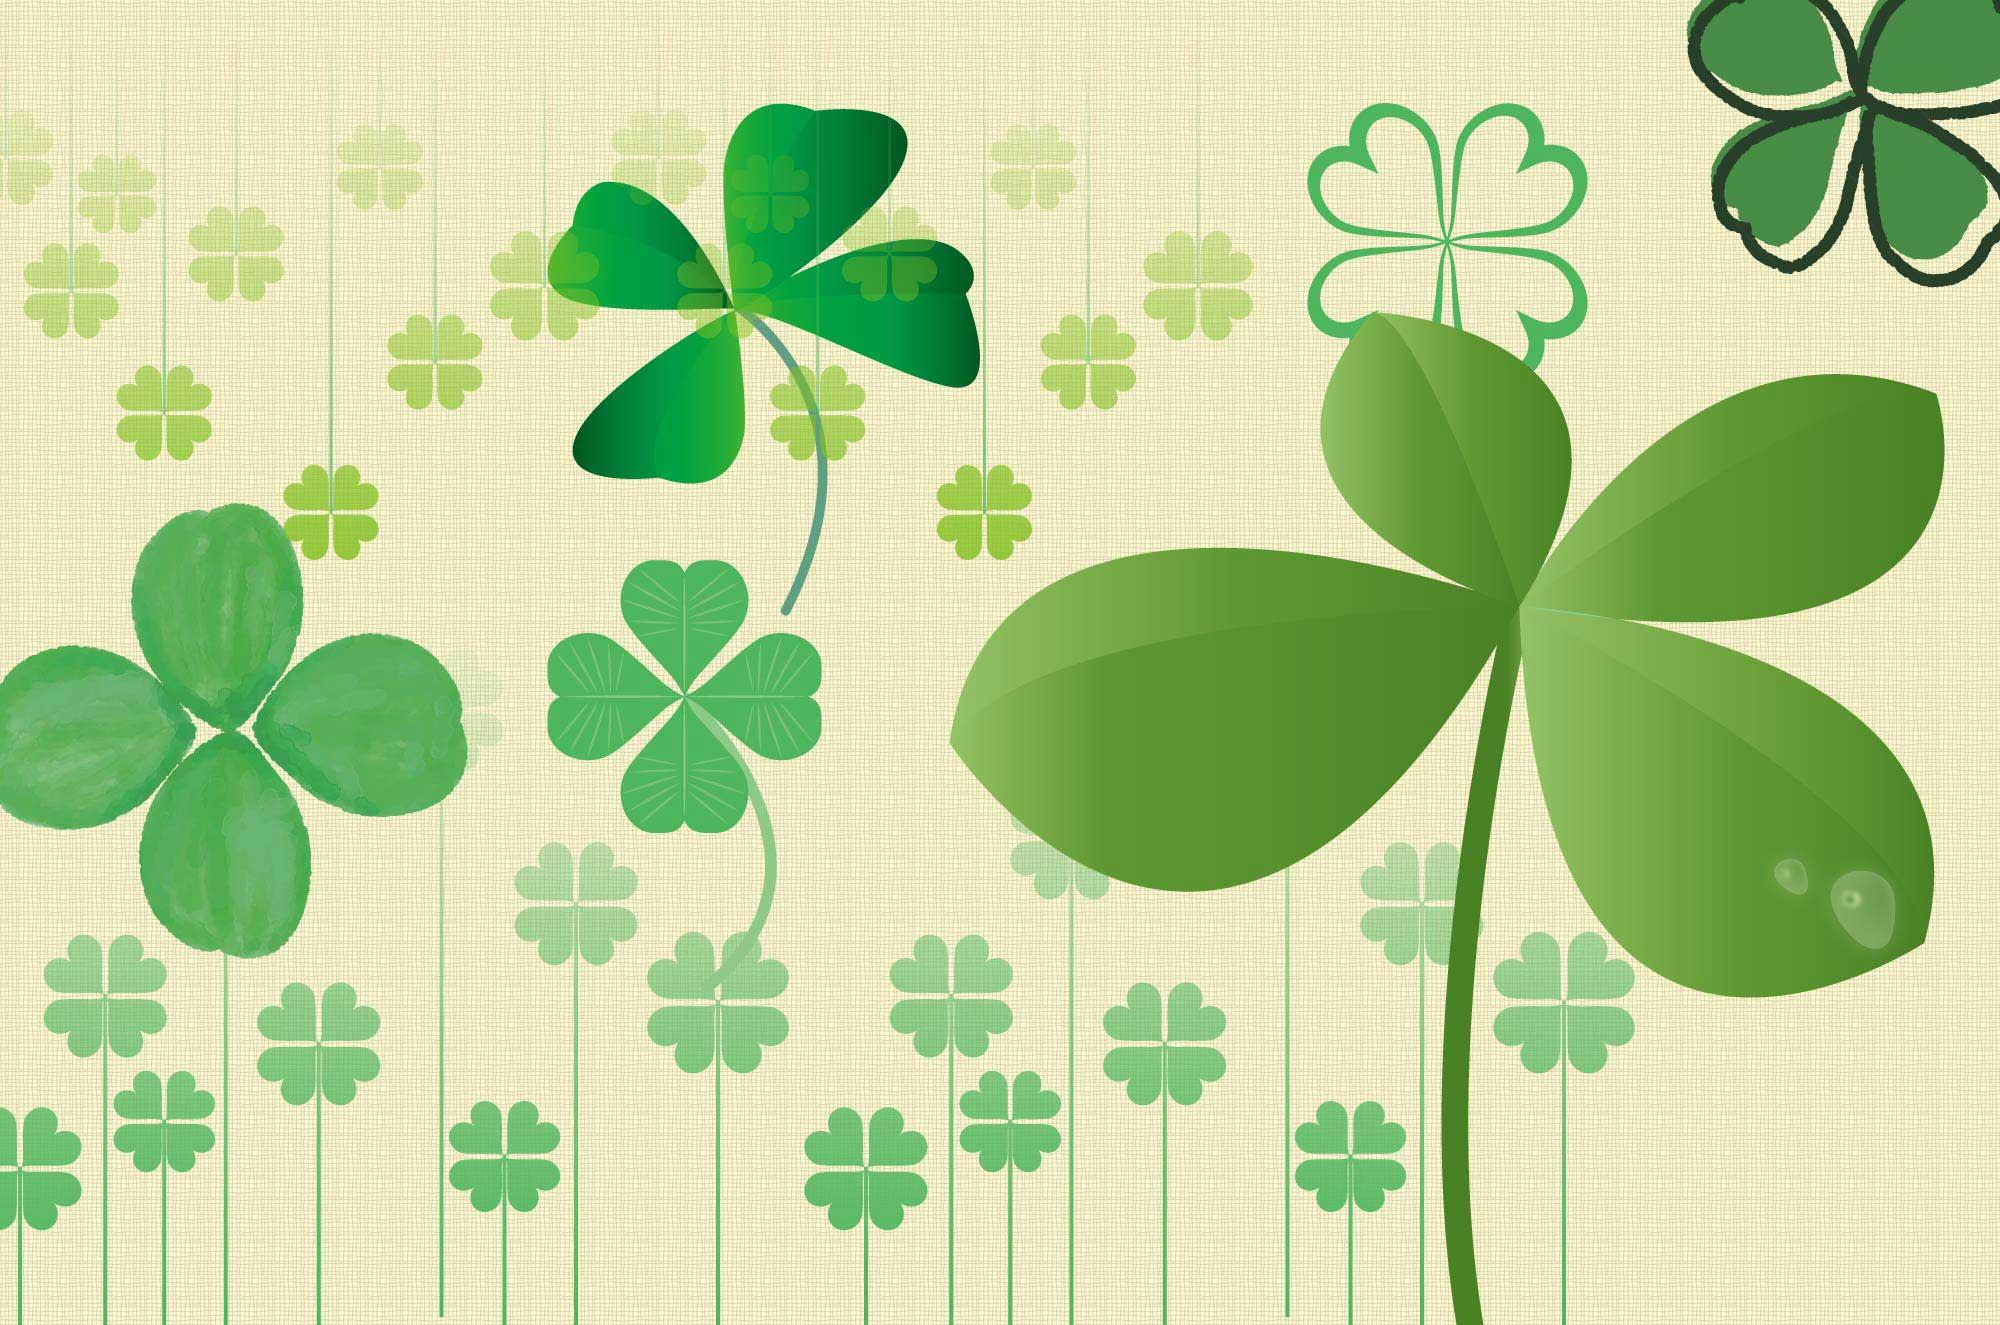 四つ葉のクローバーのイラスト - フリーの可愛い植物素材